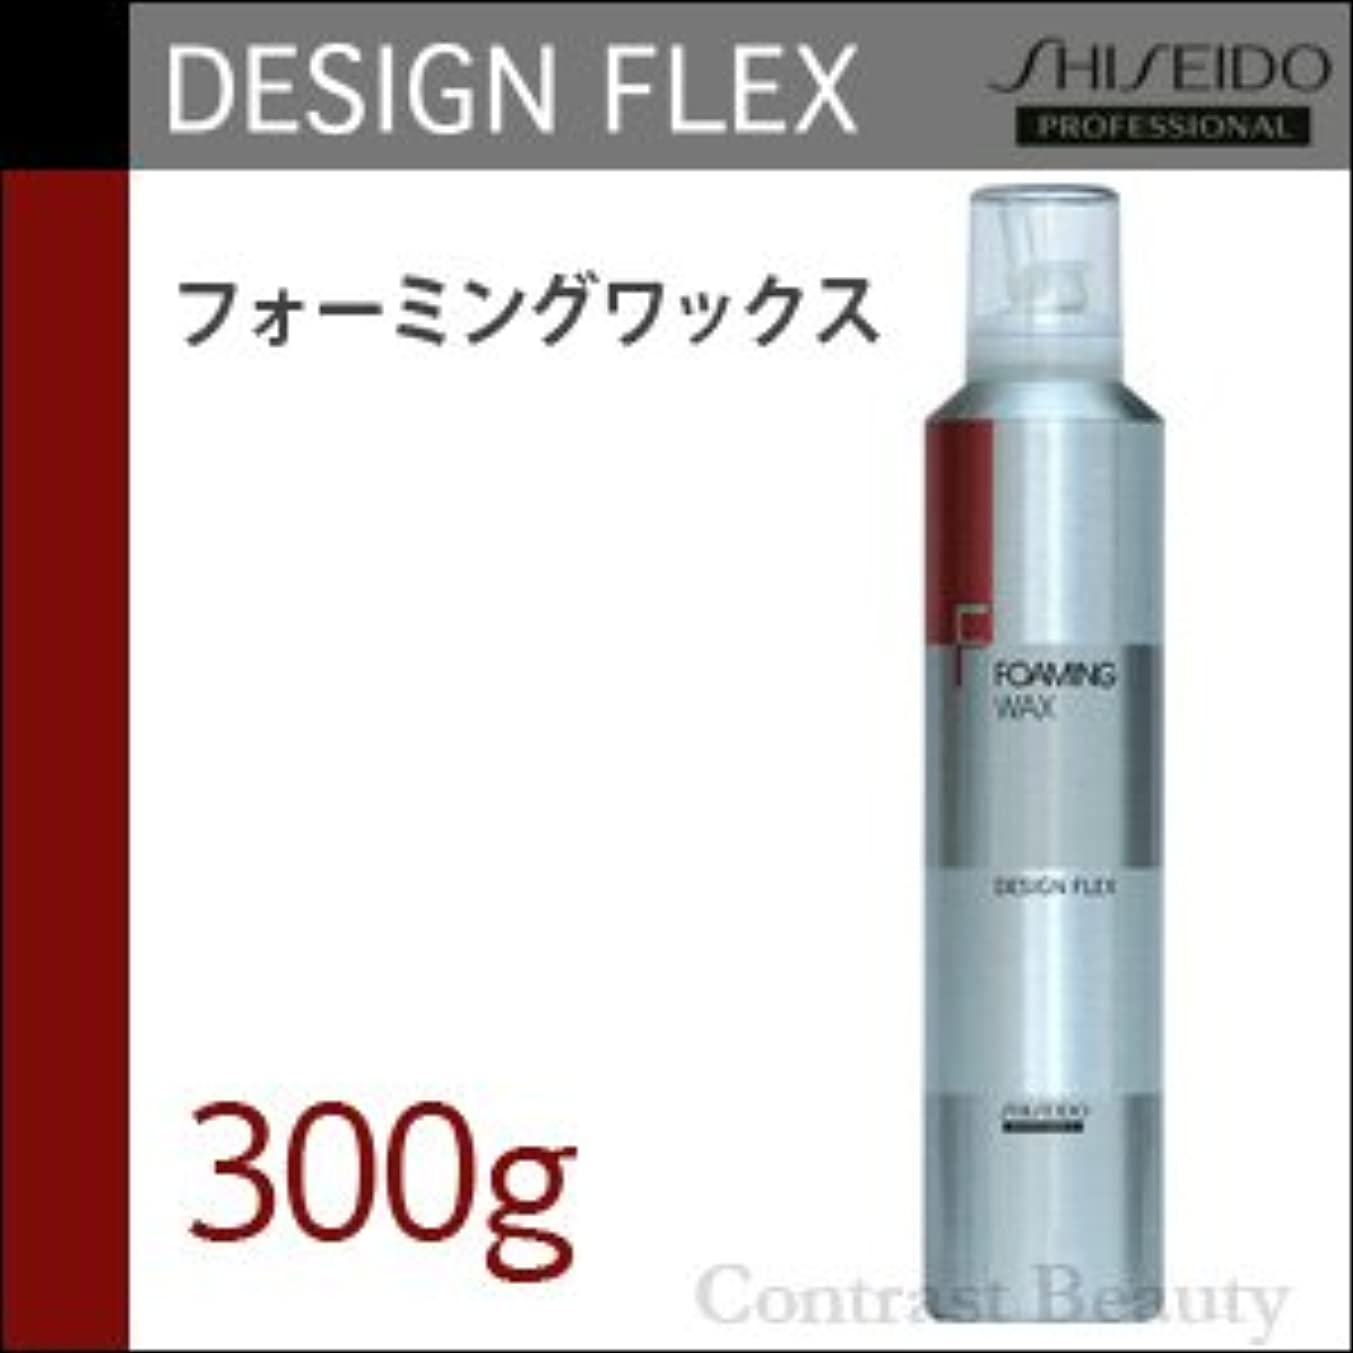 賭けパドルオーバーコート【x3個セット】 資生堂 デザインフレックス フォーミングワックス 300g